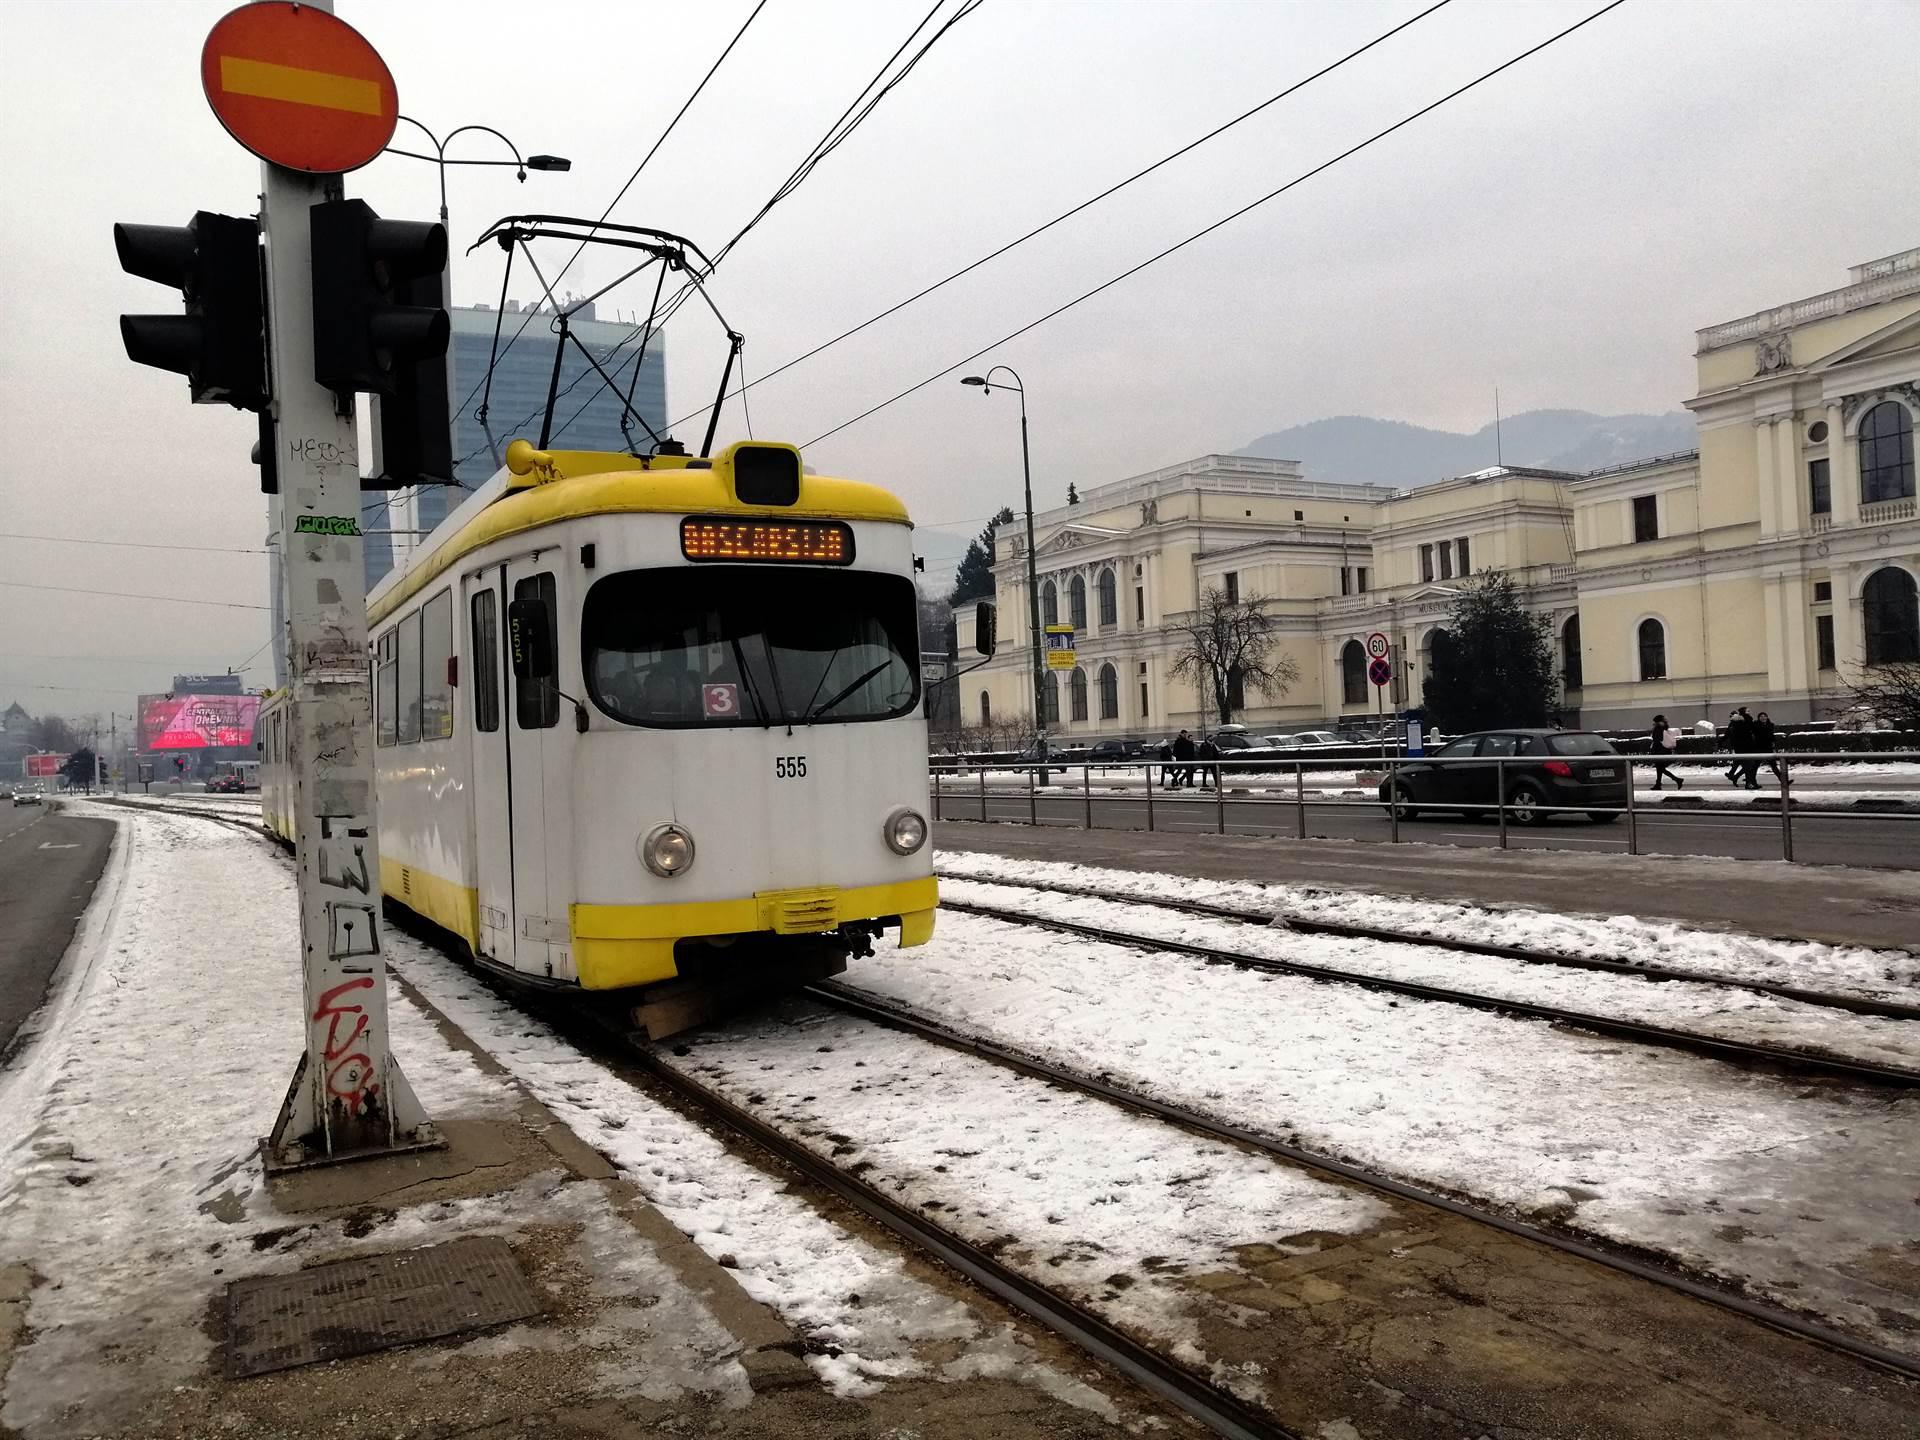 Staklo i krv u tramvaju granatiranom 9. januara 1996. godine